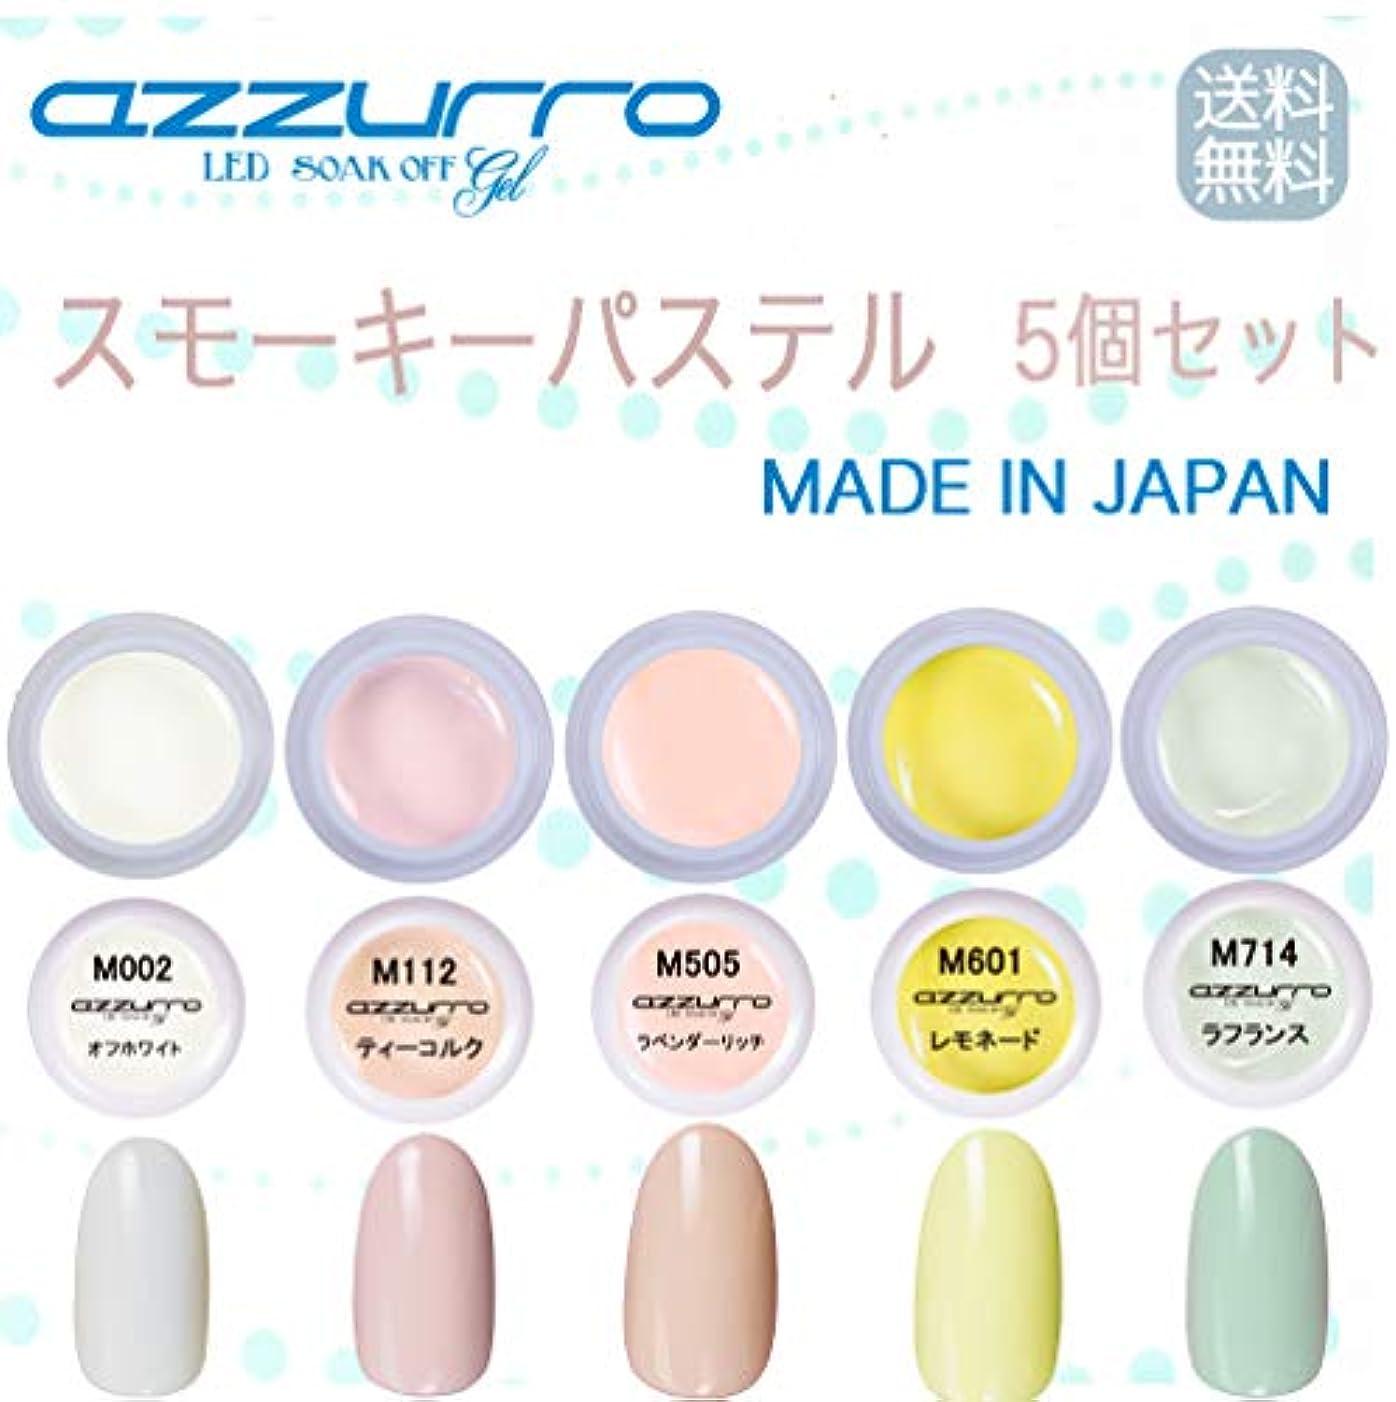 離婚ハンディキャップ拒否【送料無料】日本製 azzurro gel スモーキーパステルカラージェル5個セット オフィスでも人気のカラーをセット